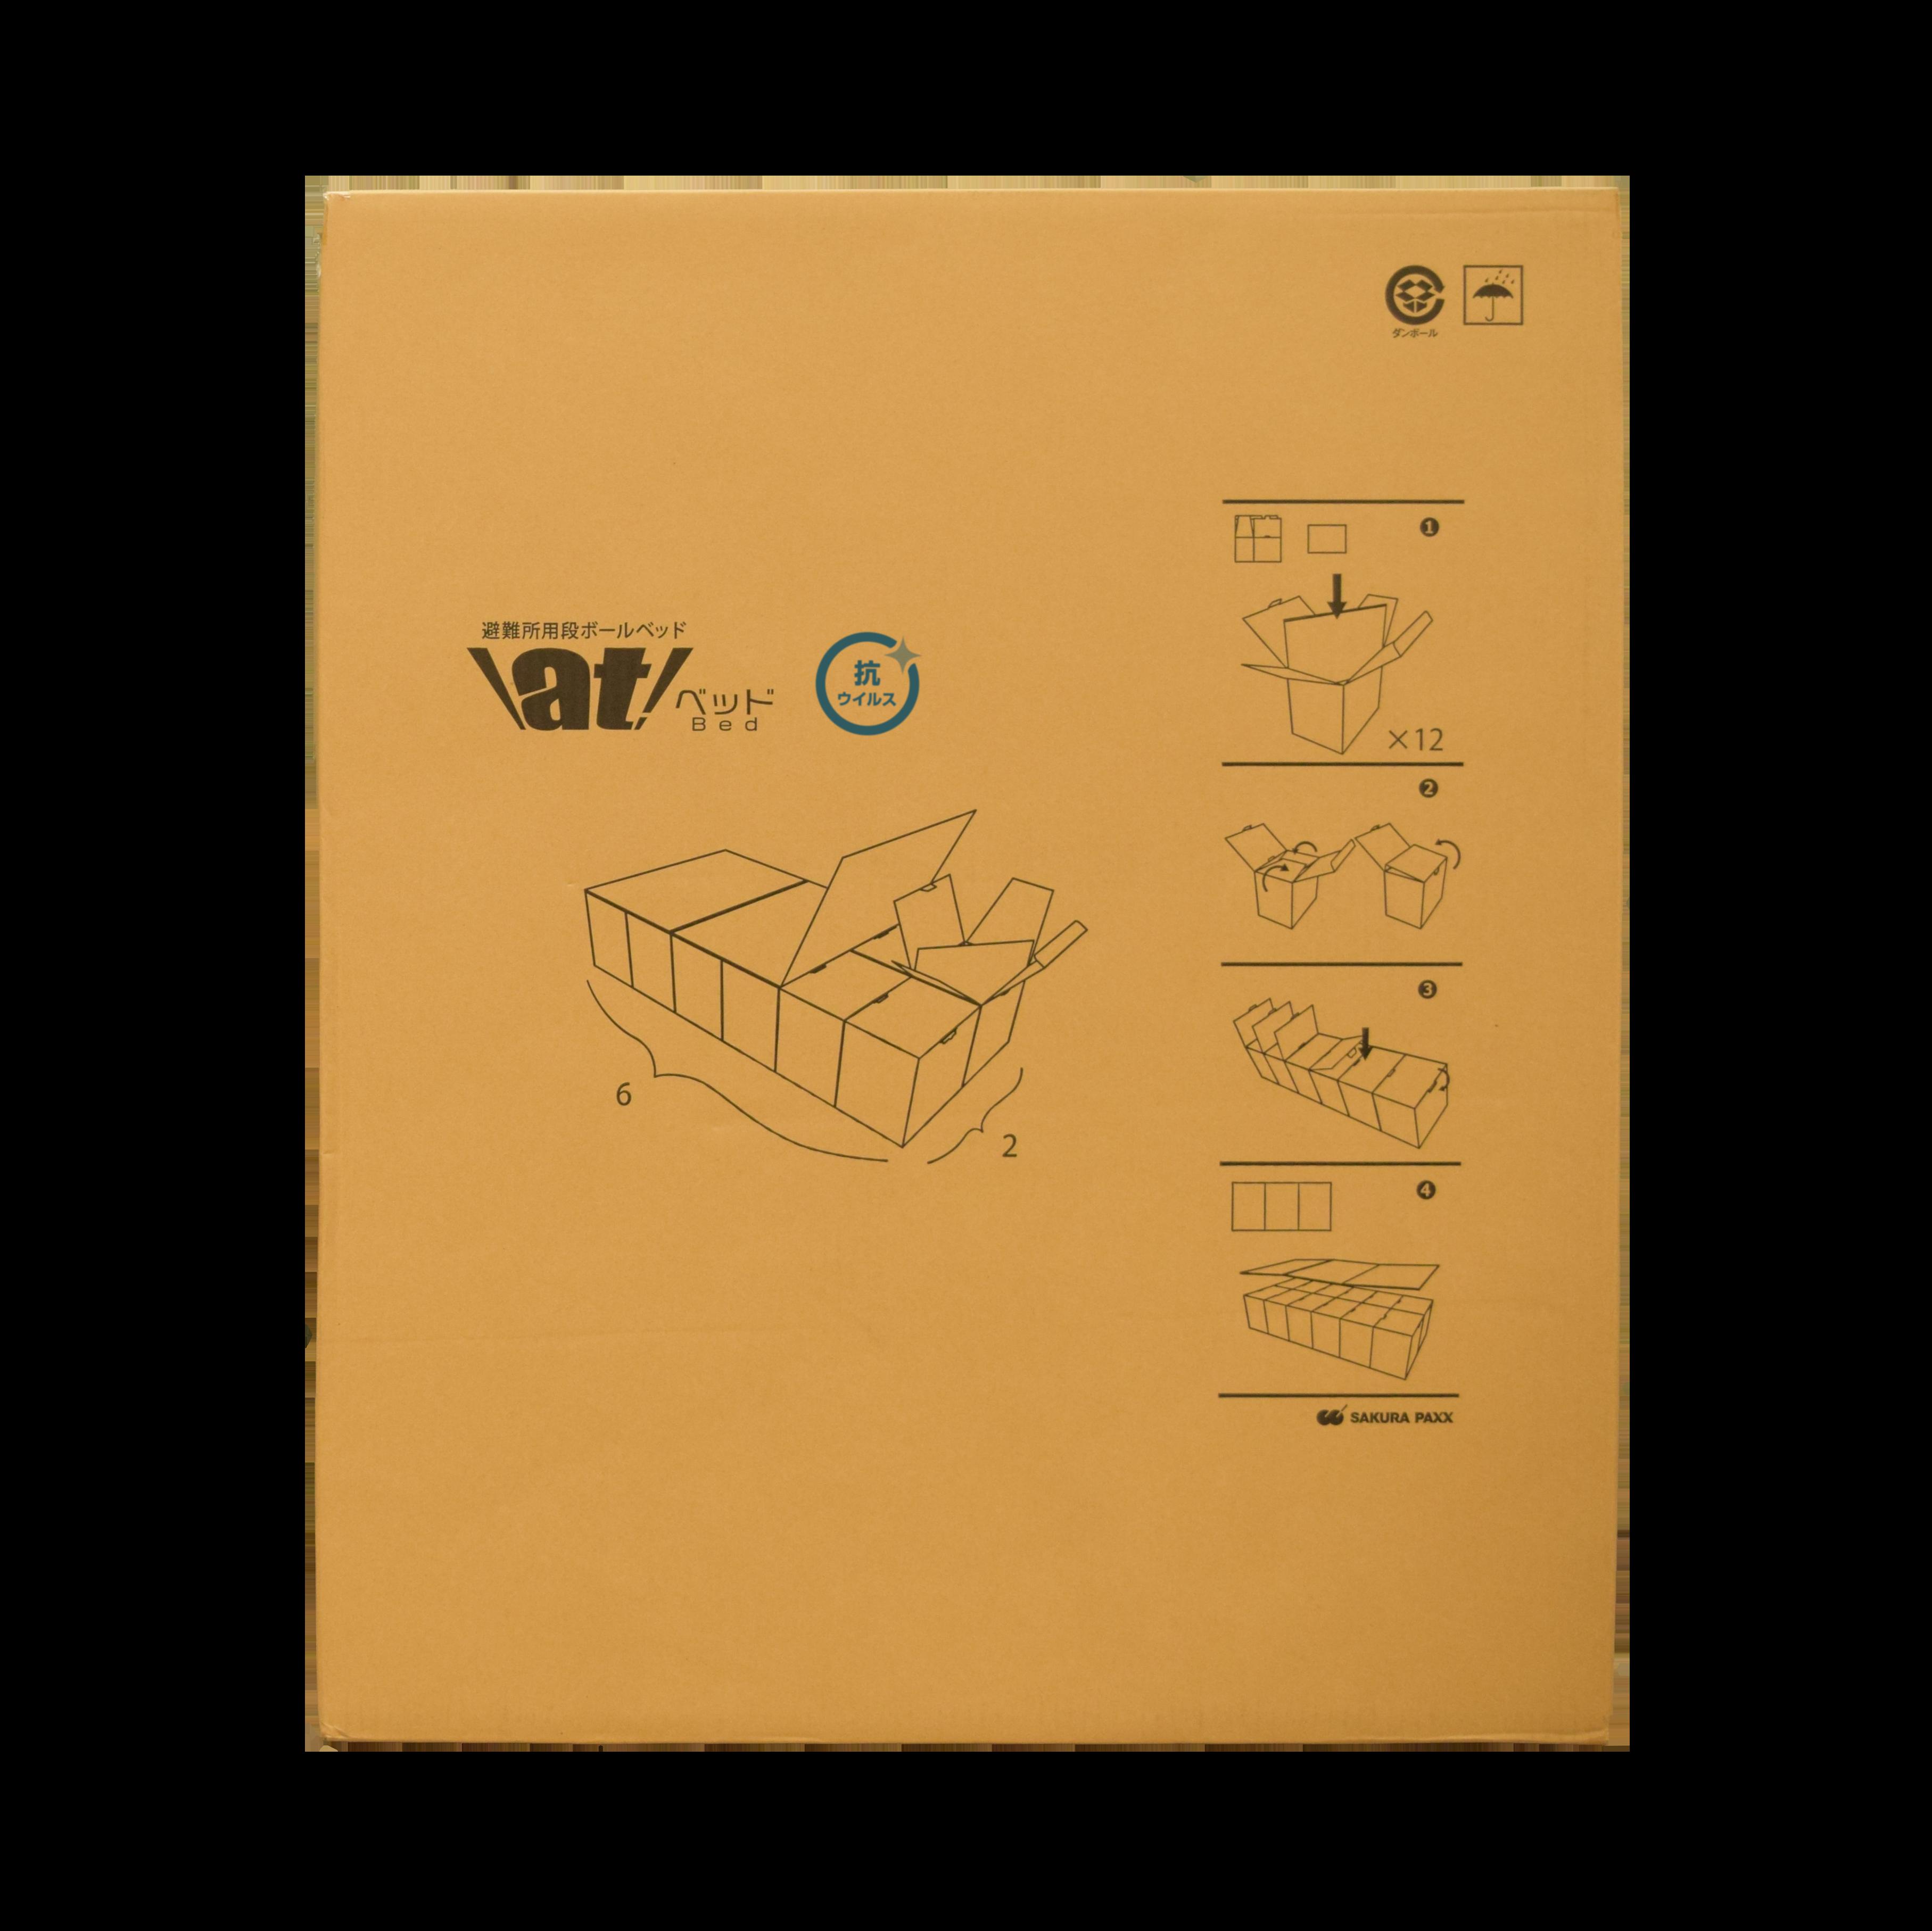 抗ウイルスatベッド外装箱